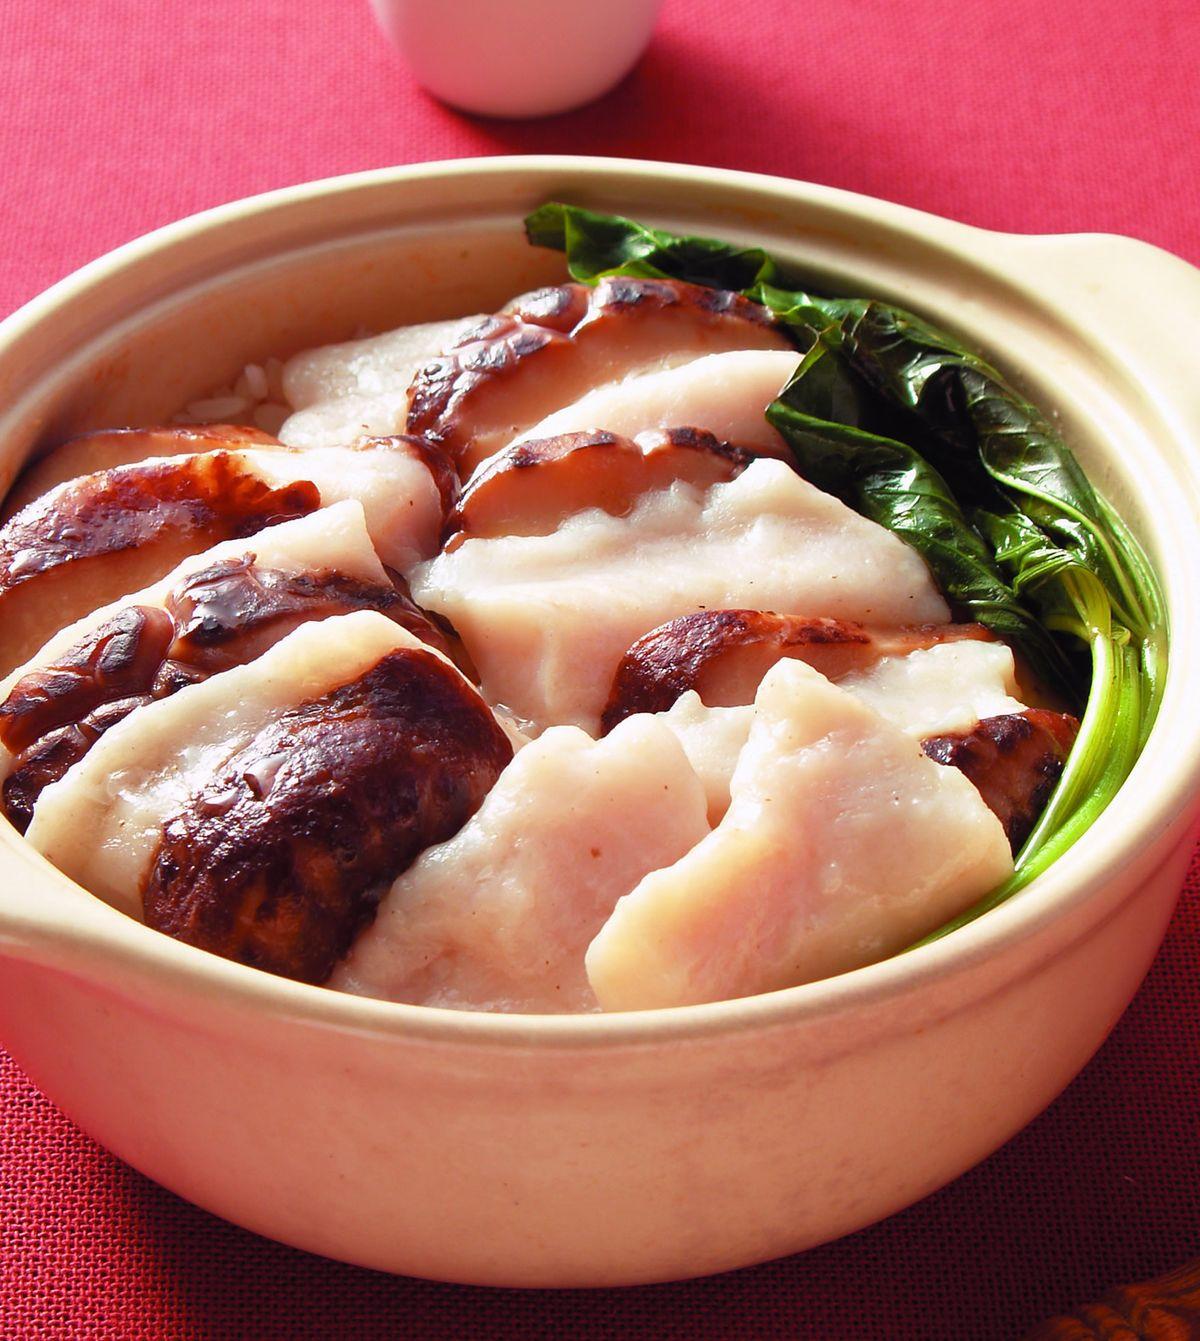 食譜:鮮魚煲仔飯